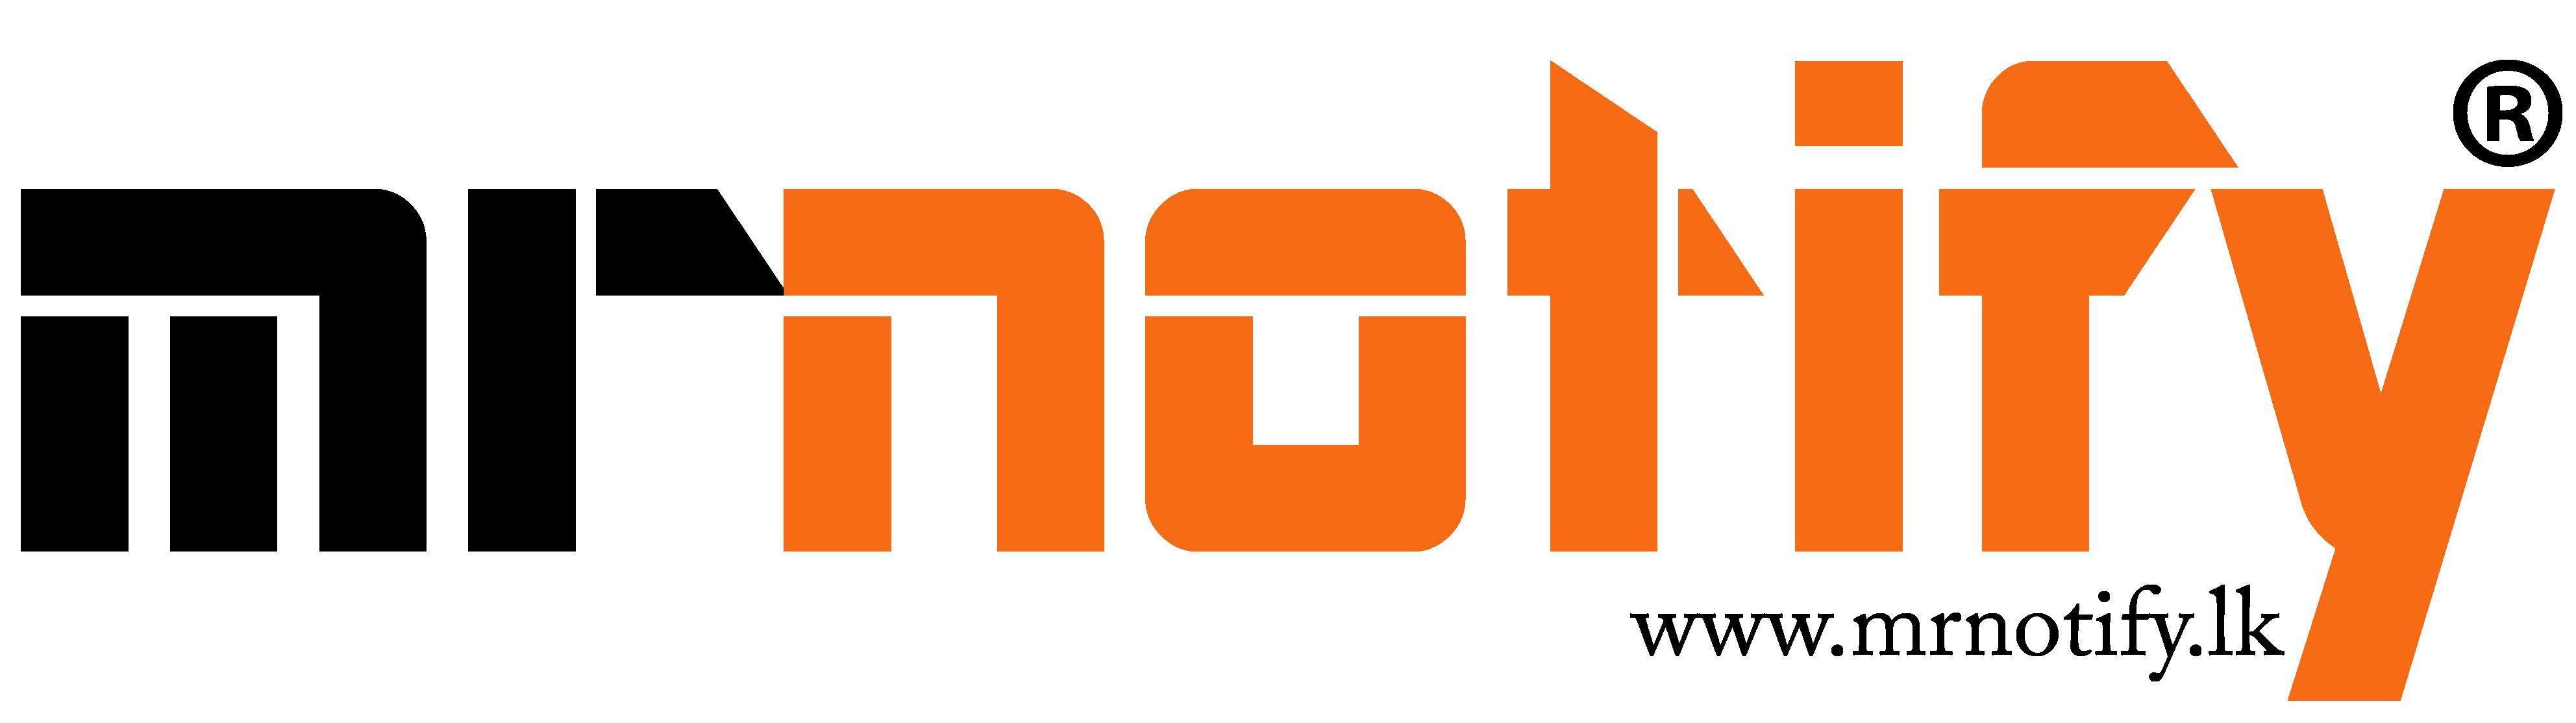 MrNotify